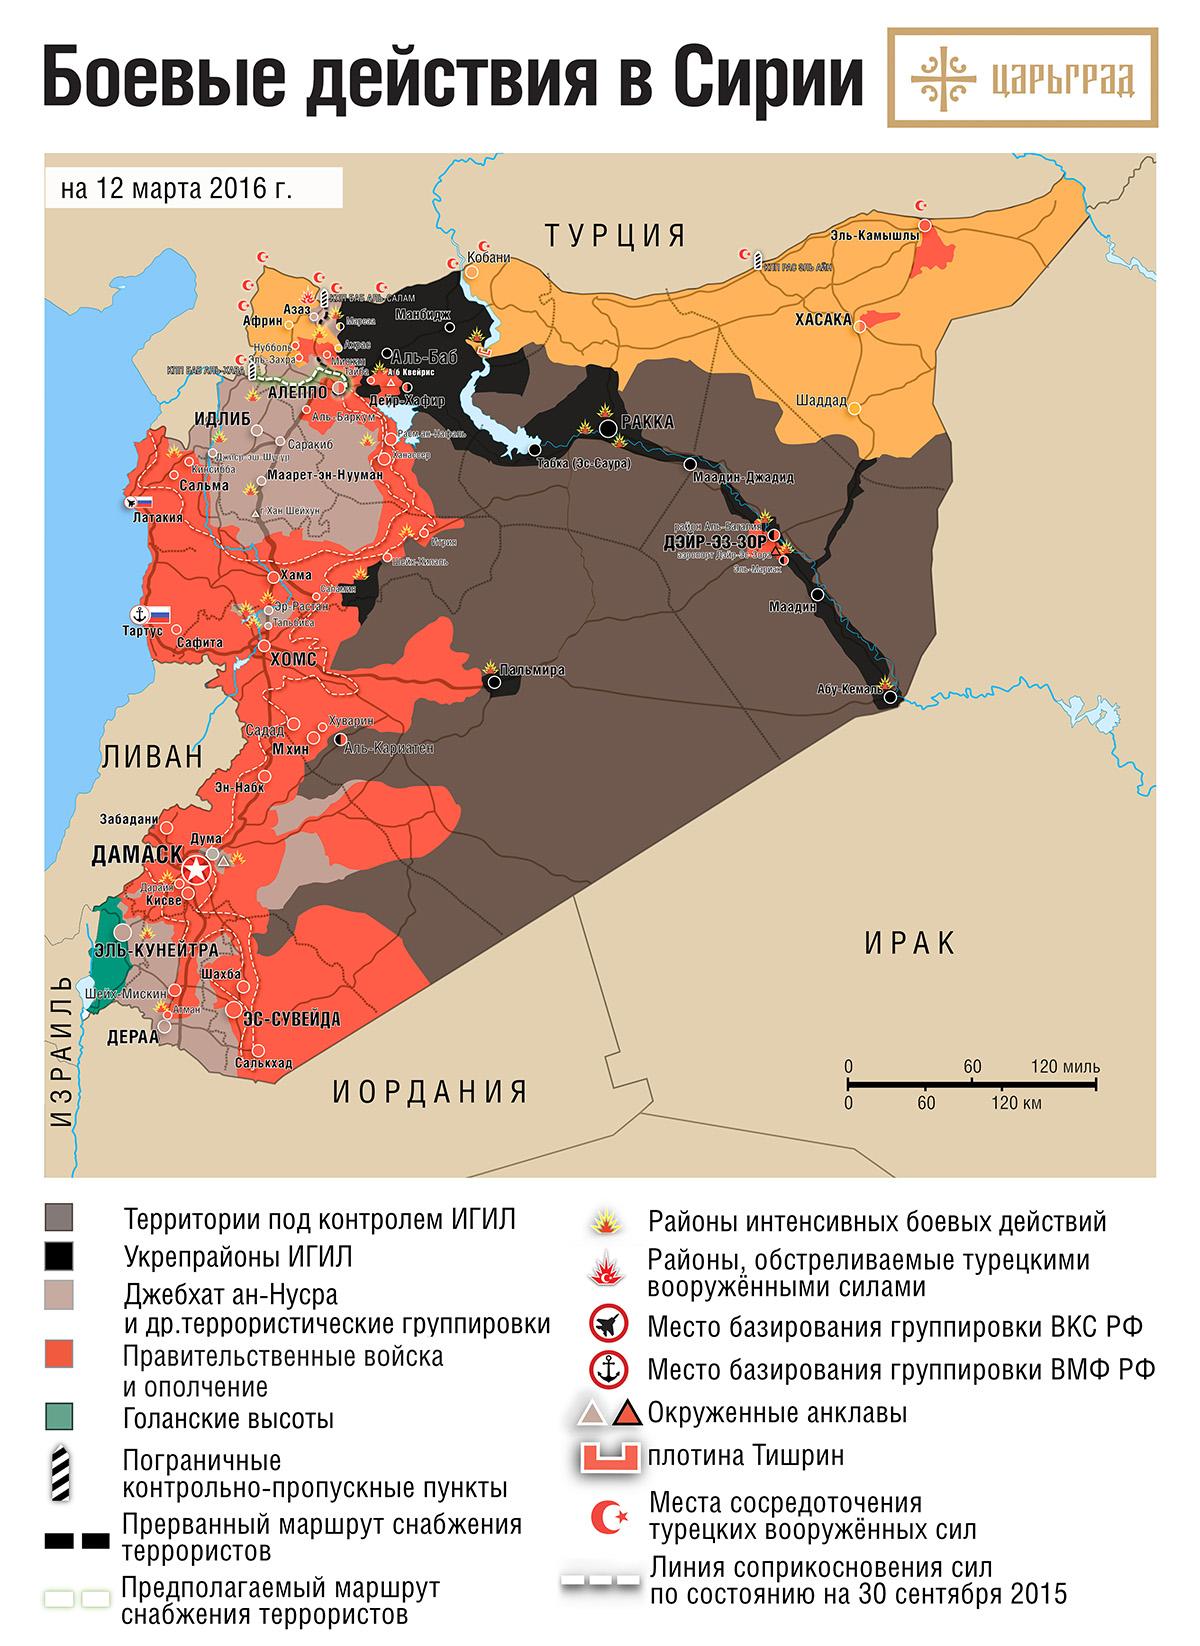 область, НовокуйбышевскМы карта боевый дейсвий в сирии европейский